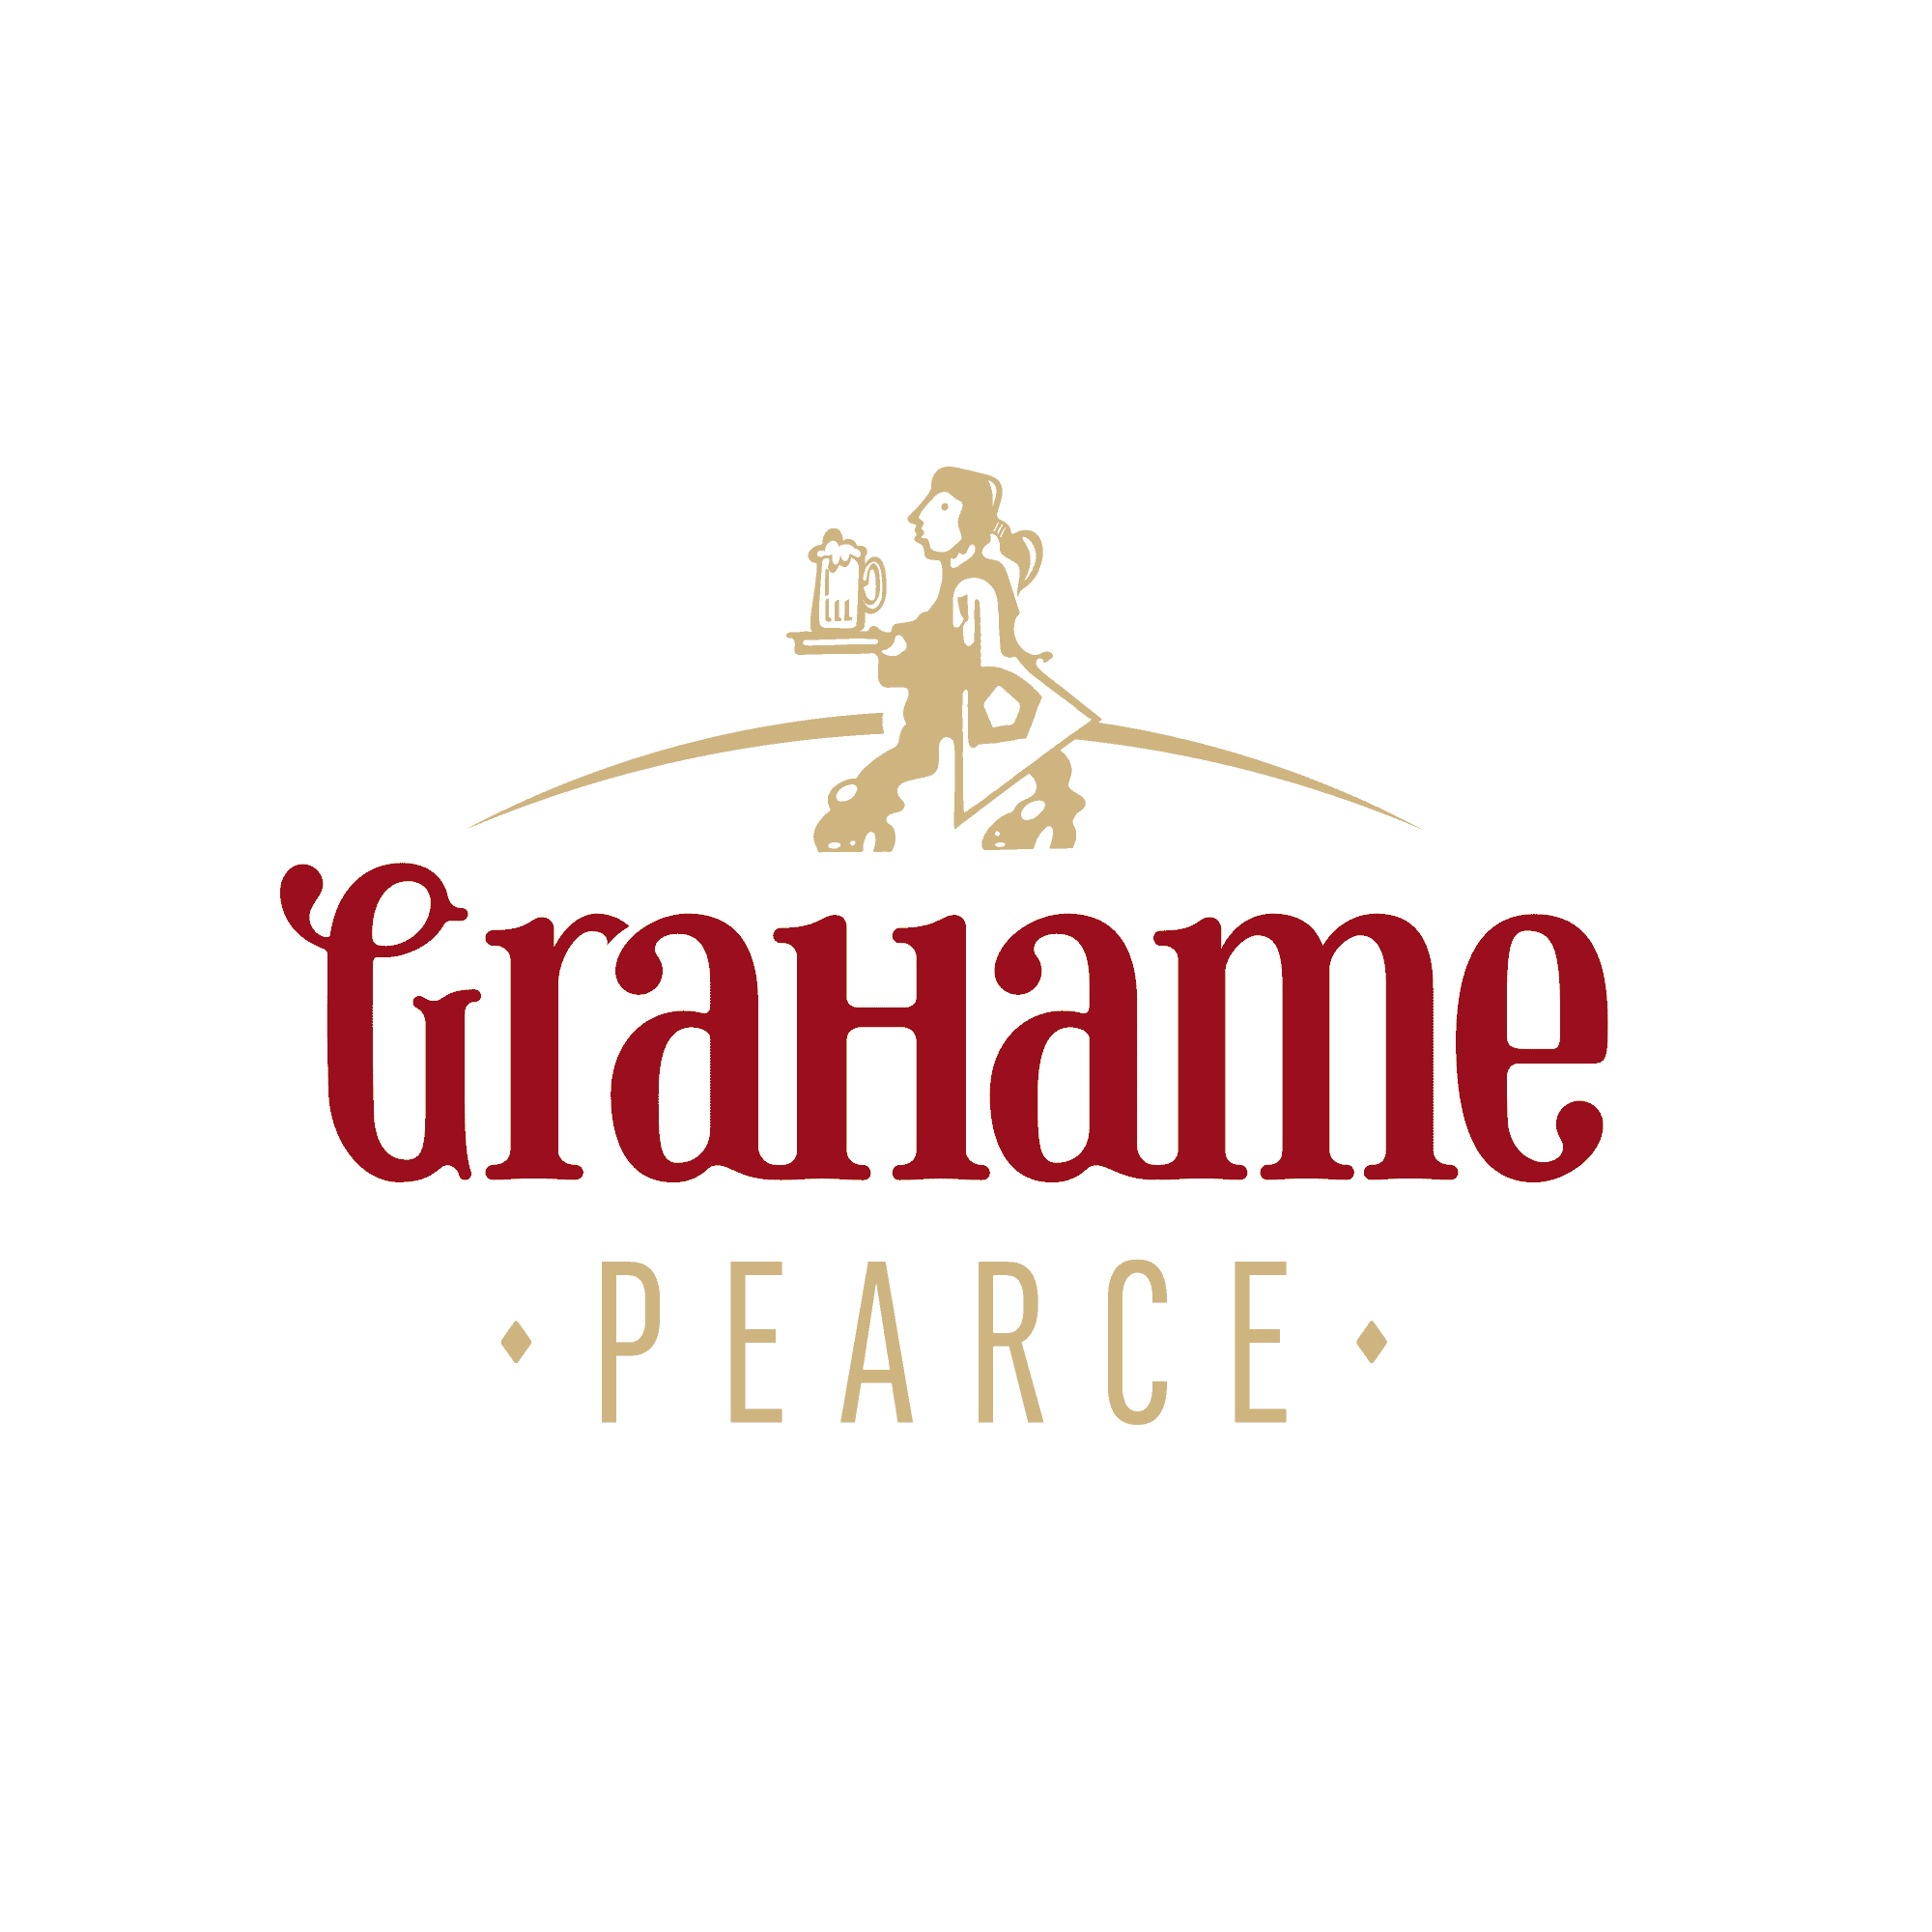 GRAHAMEPEARCE